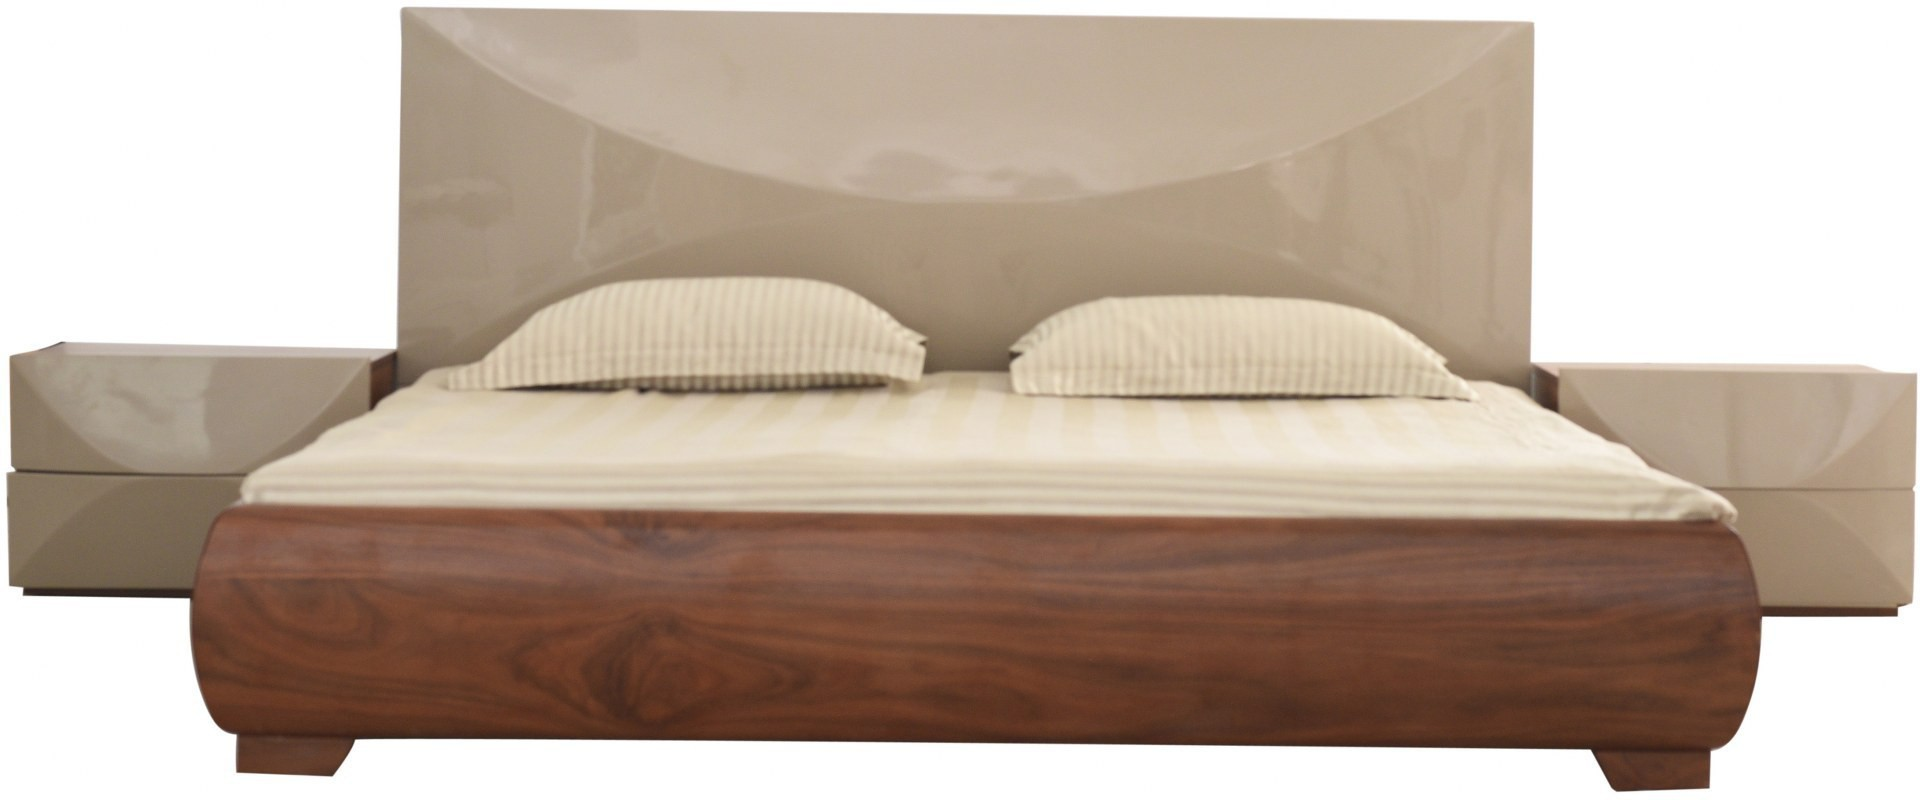 42 off on nesta furniture engineered wood bed side table on flipkart paisawapas com